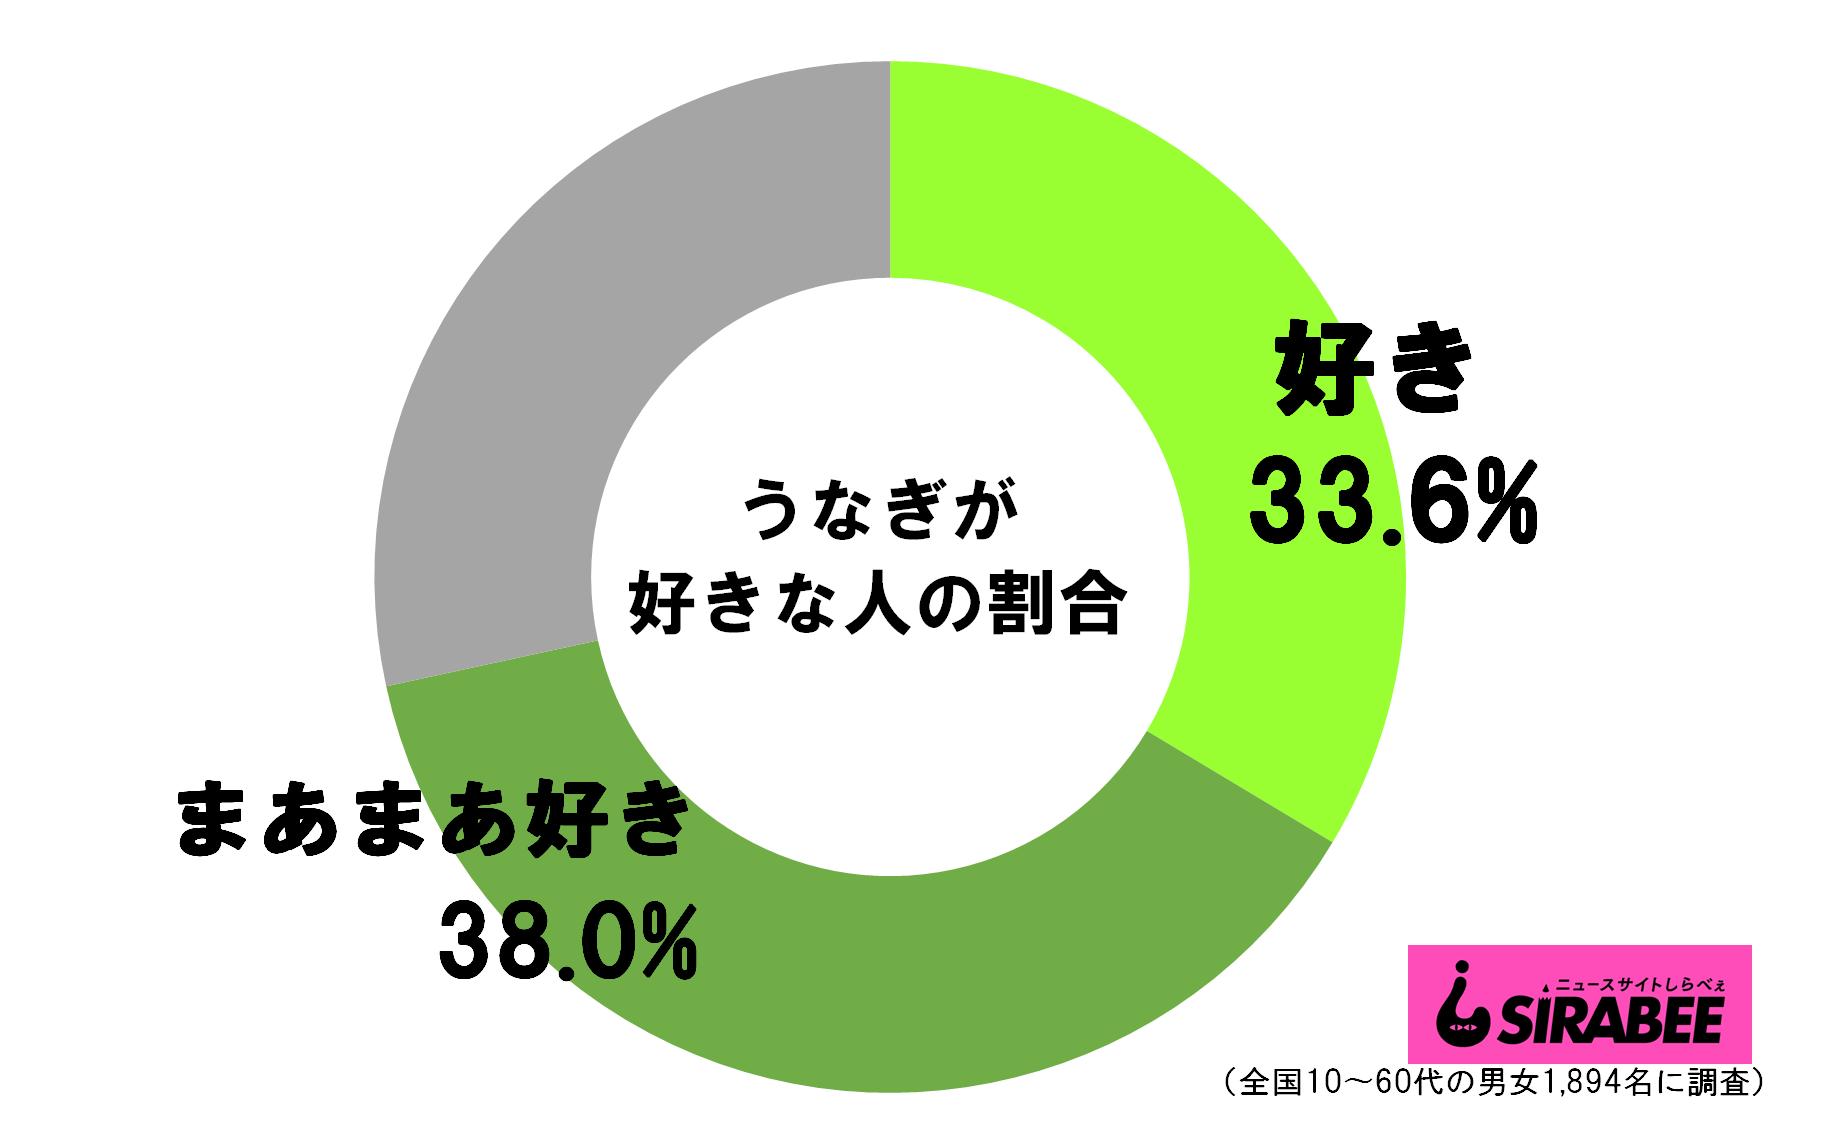 うなぎが好きな人_円グラフ